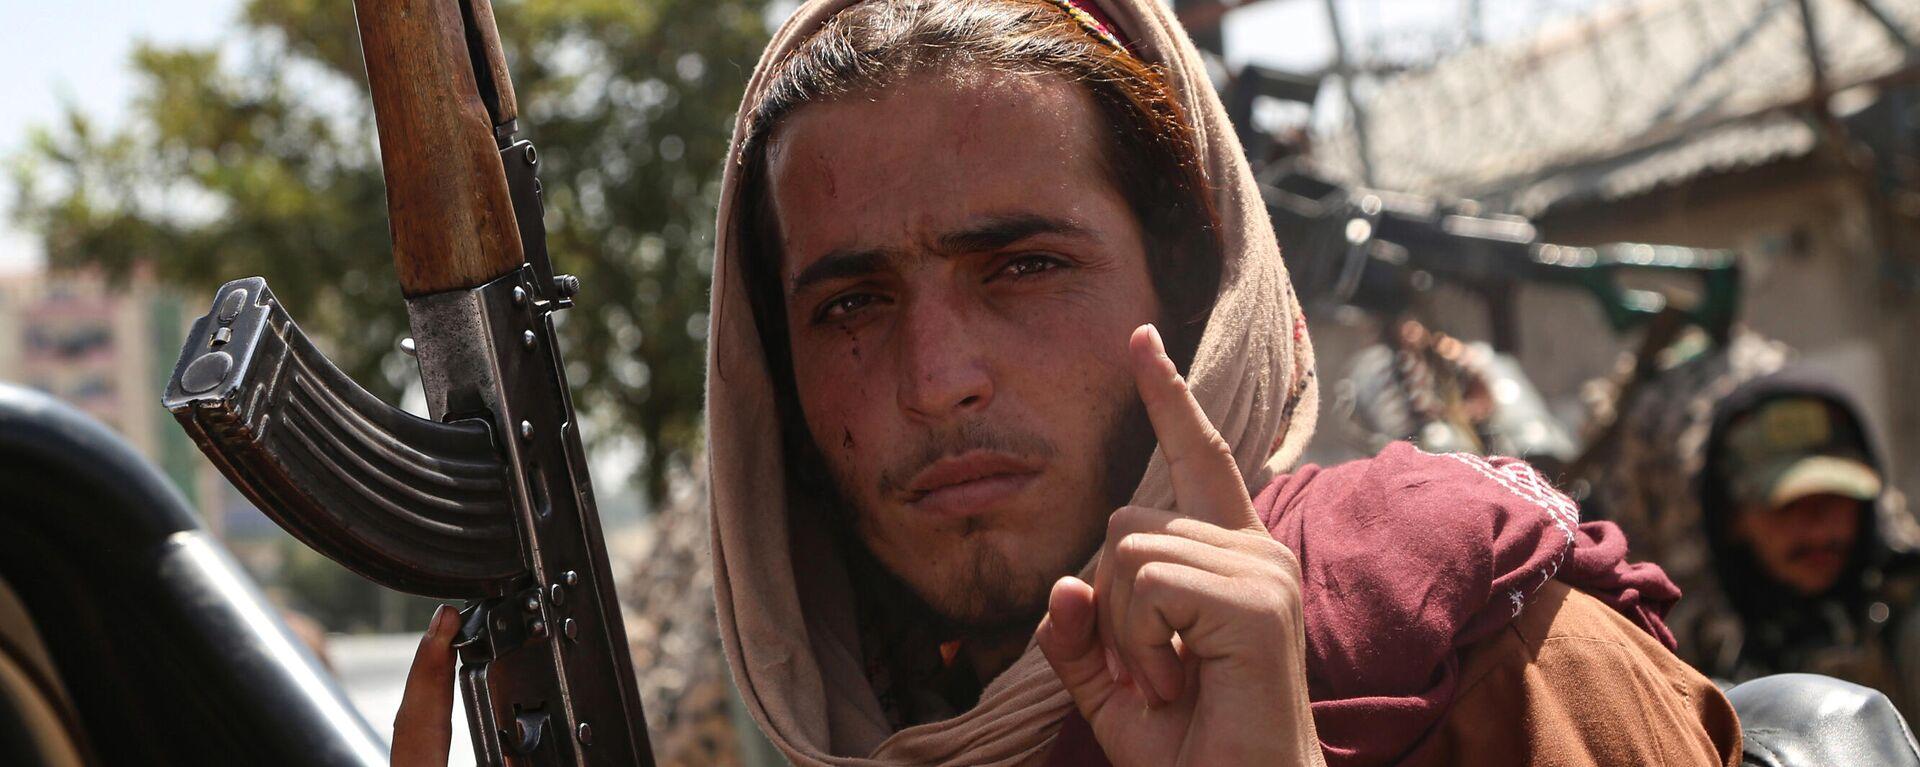 Боевик движения Талибан (террористическая организация, запрещена в России) в Кабуле - Sputnik Таджикистан, 1920, 18.08.2021